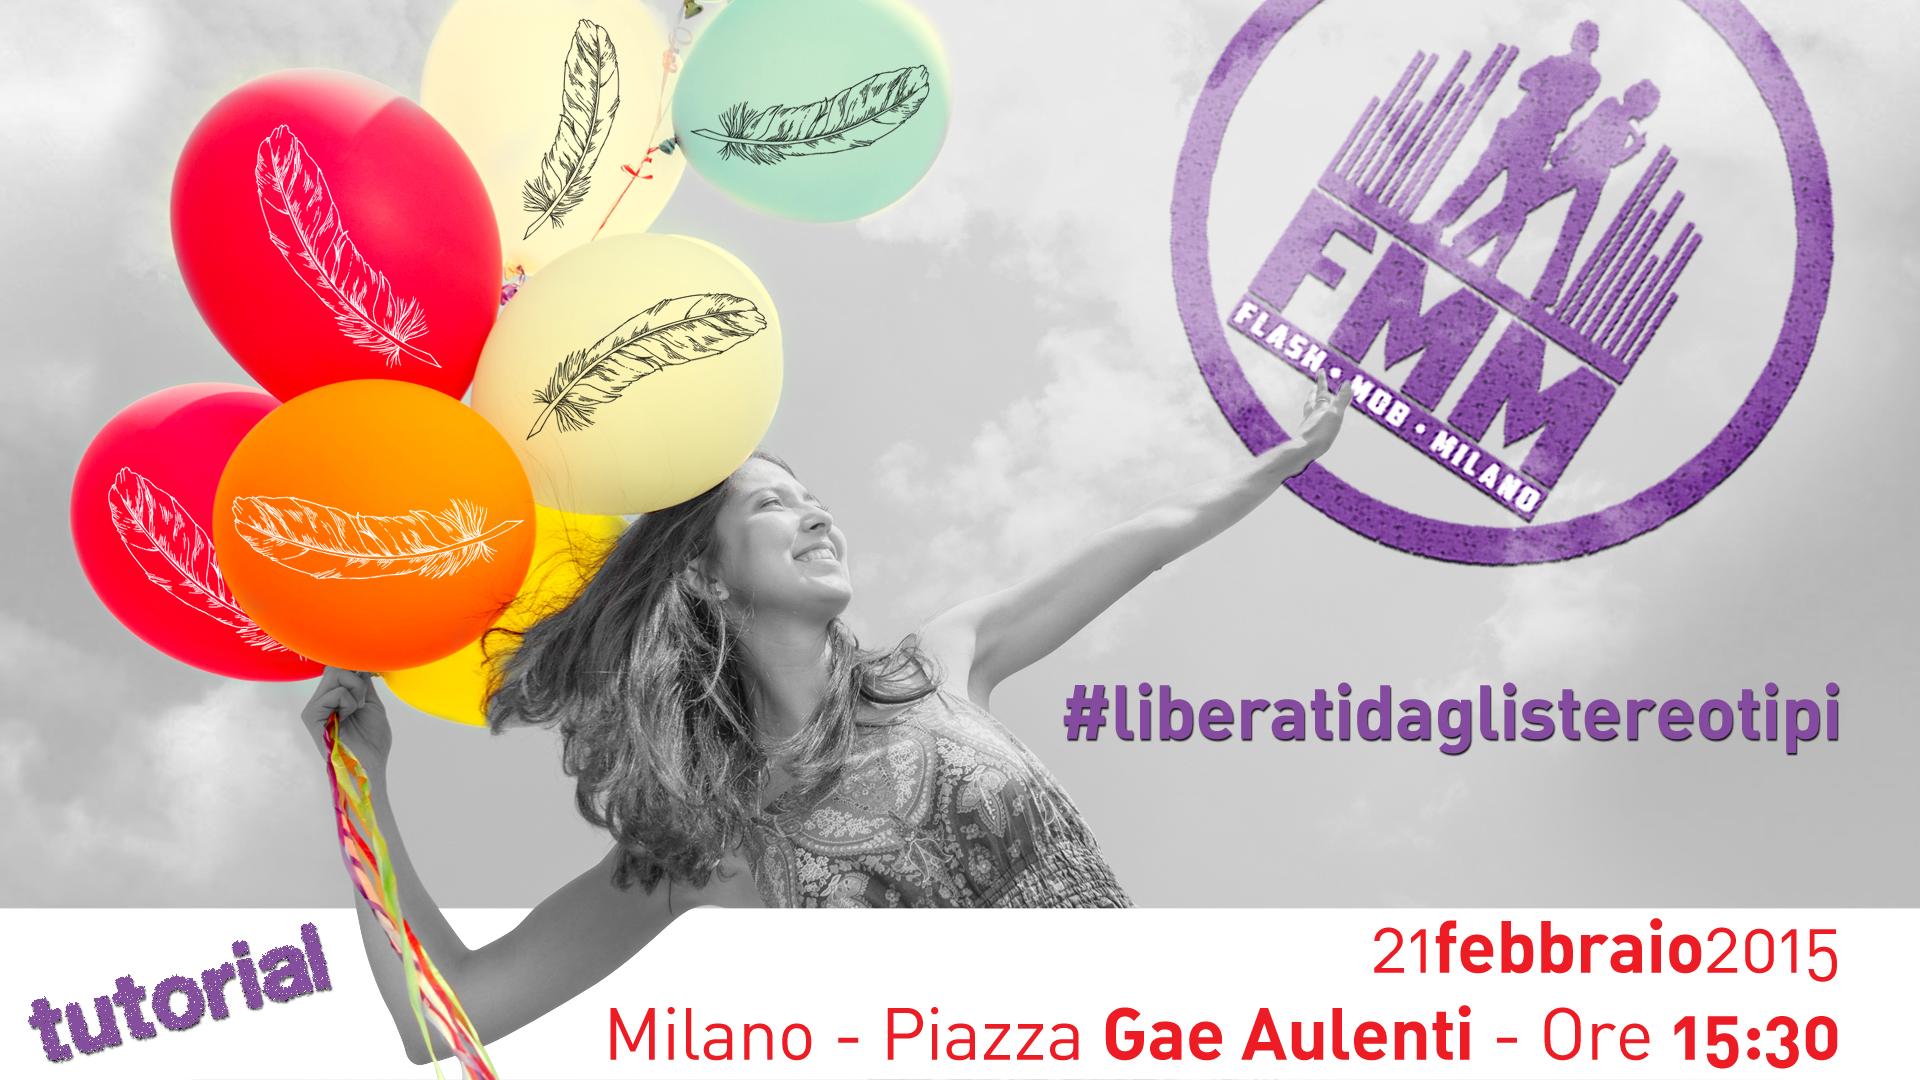 """""""Liberati dagli stereotipi"""" dance flash mob spostato a Domenica 22 Febbraio!"""